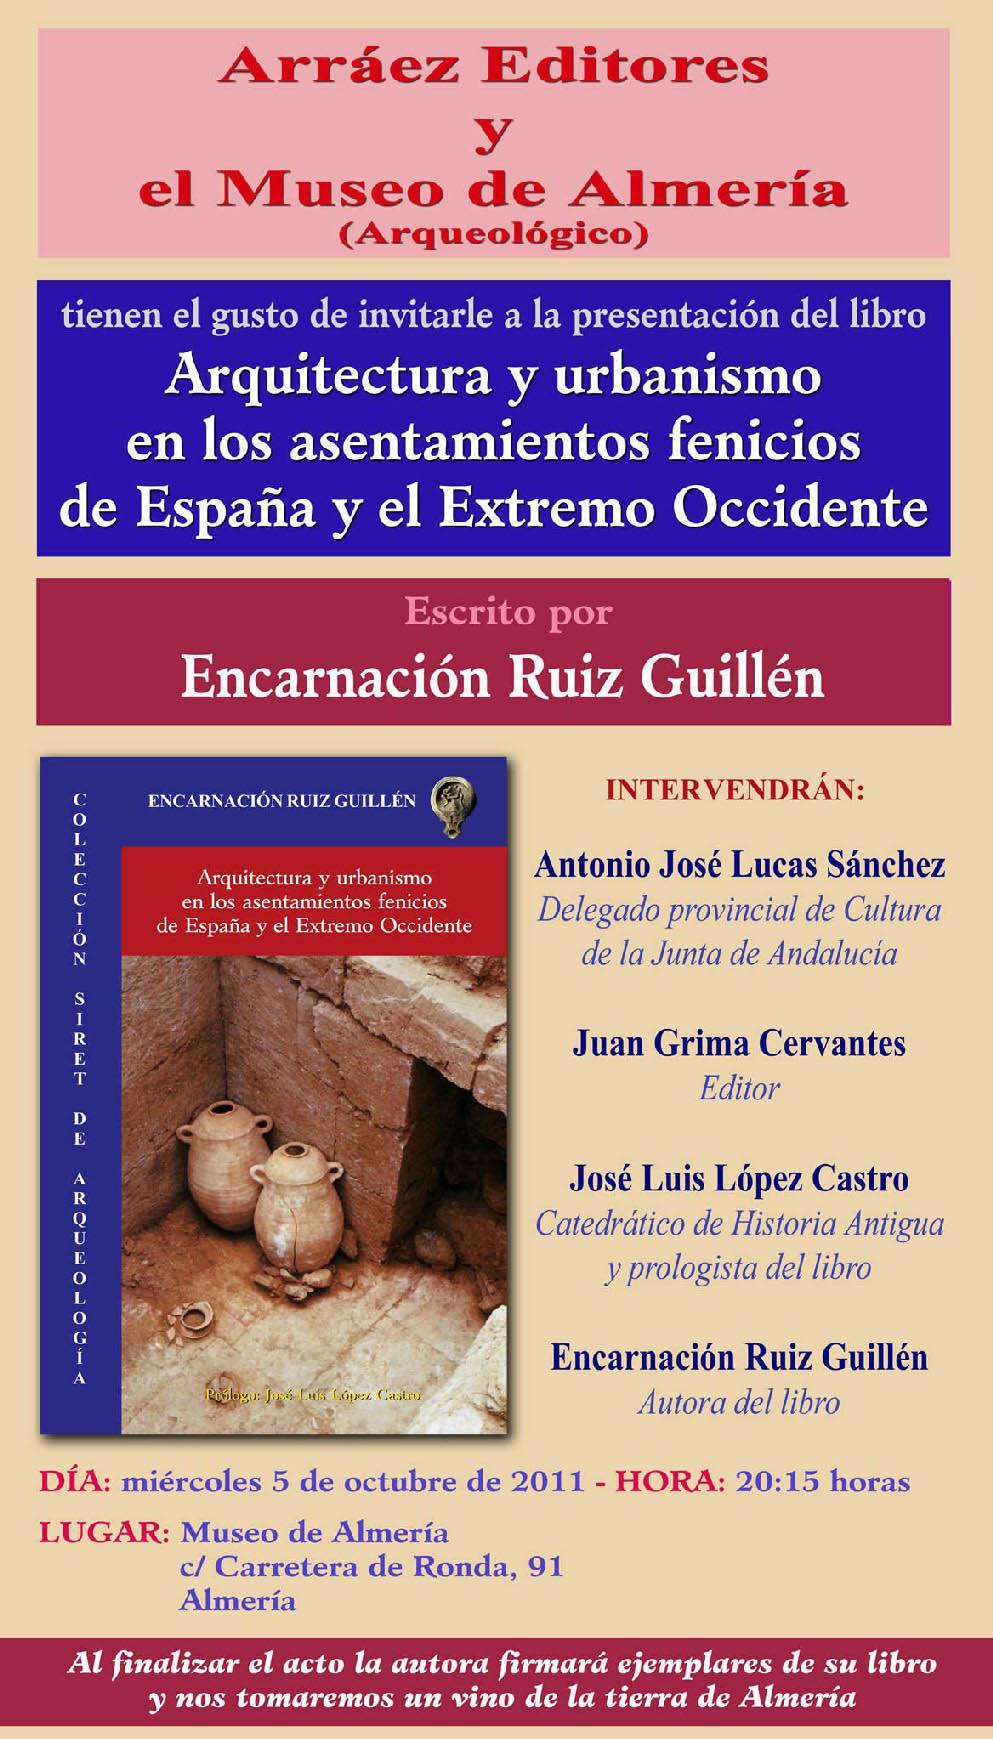 ARQUITECTURA Y URBANISMO EN LOS ASENTAMIENTOS DE ESPAÑA Y EL EXTREMO OCCIDENTE